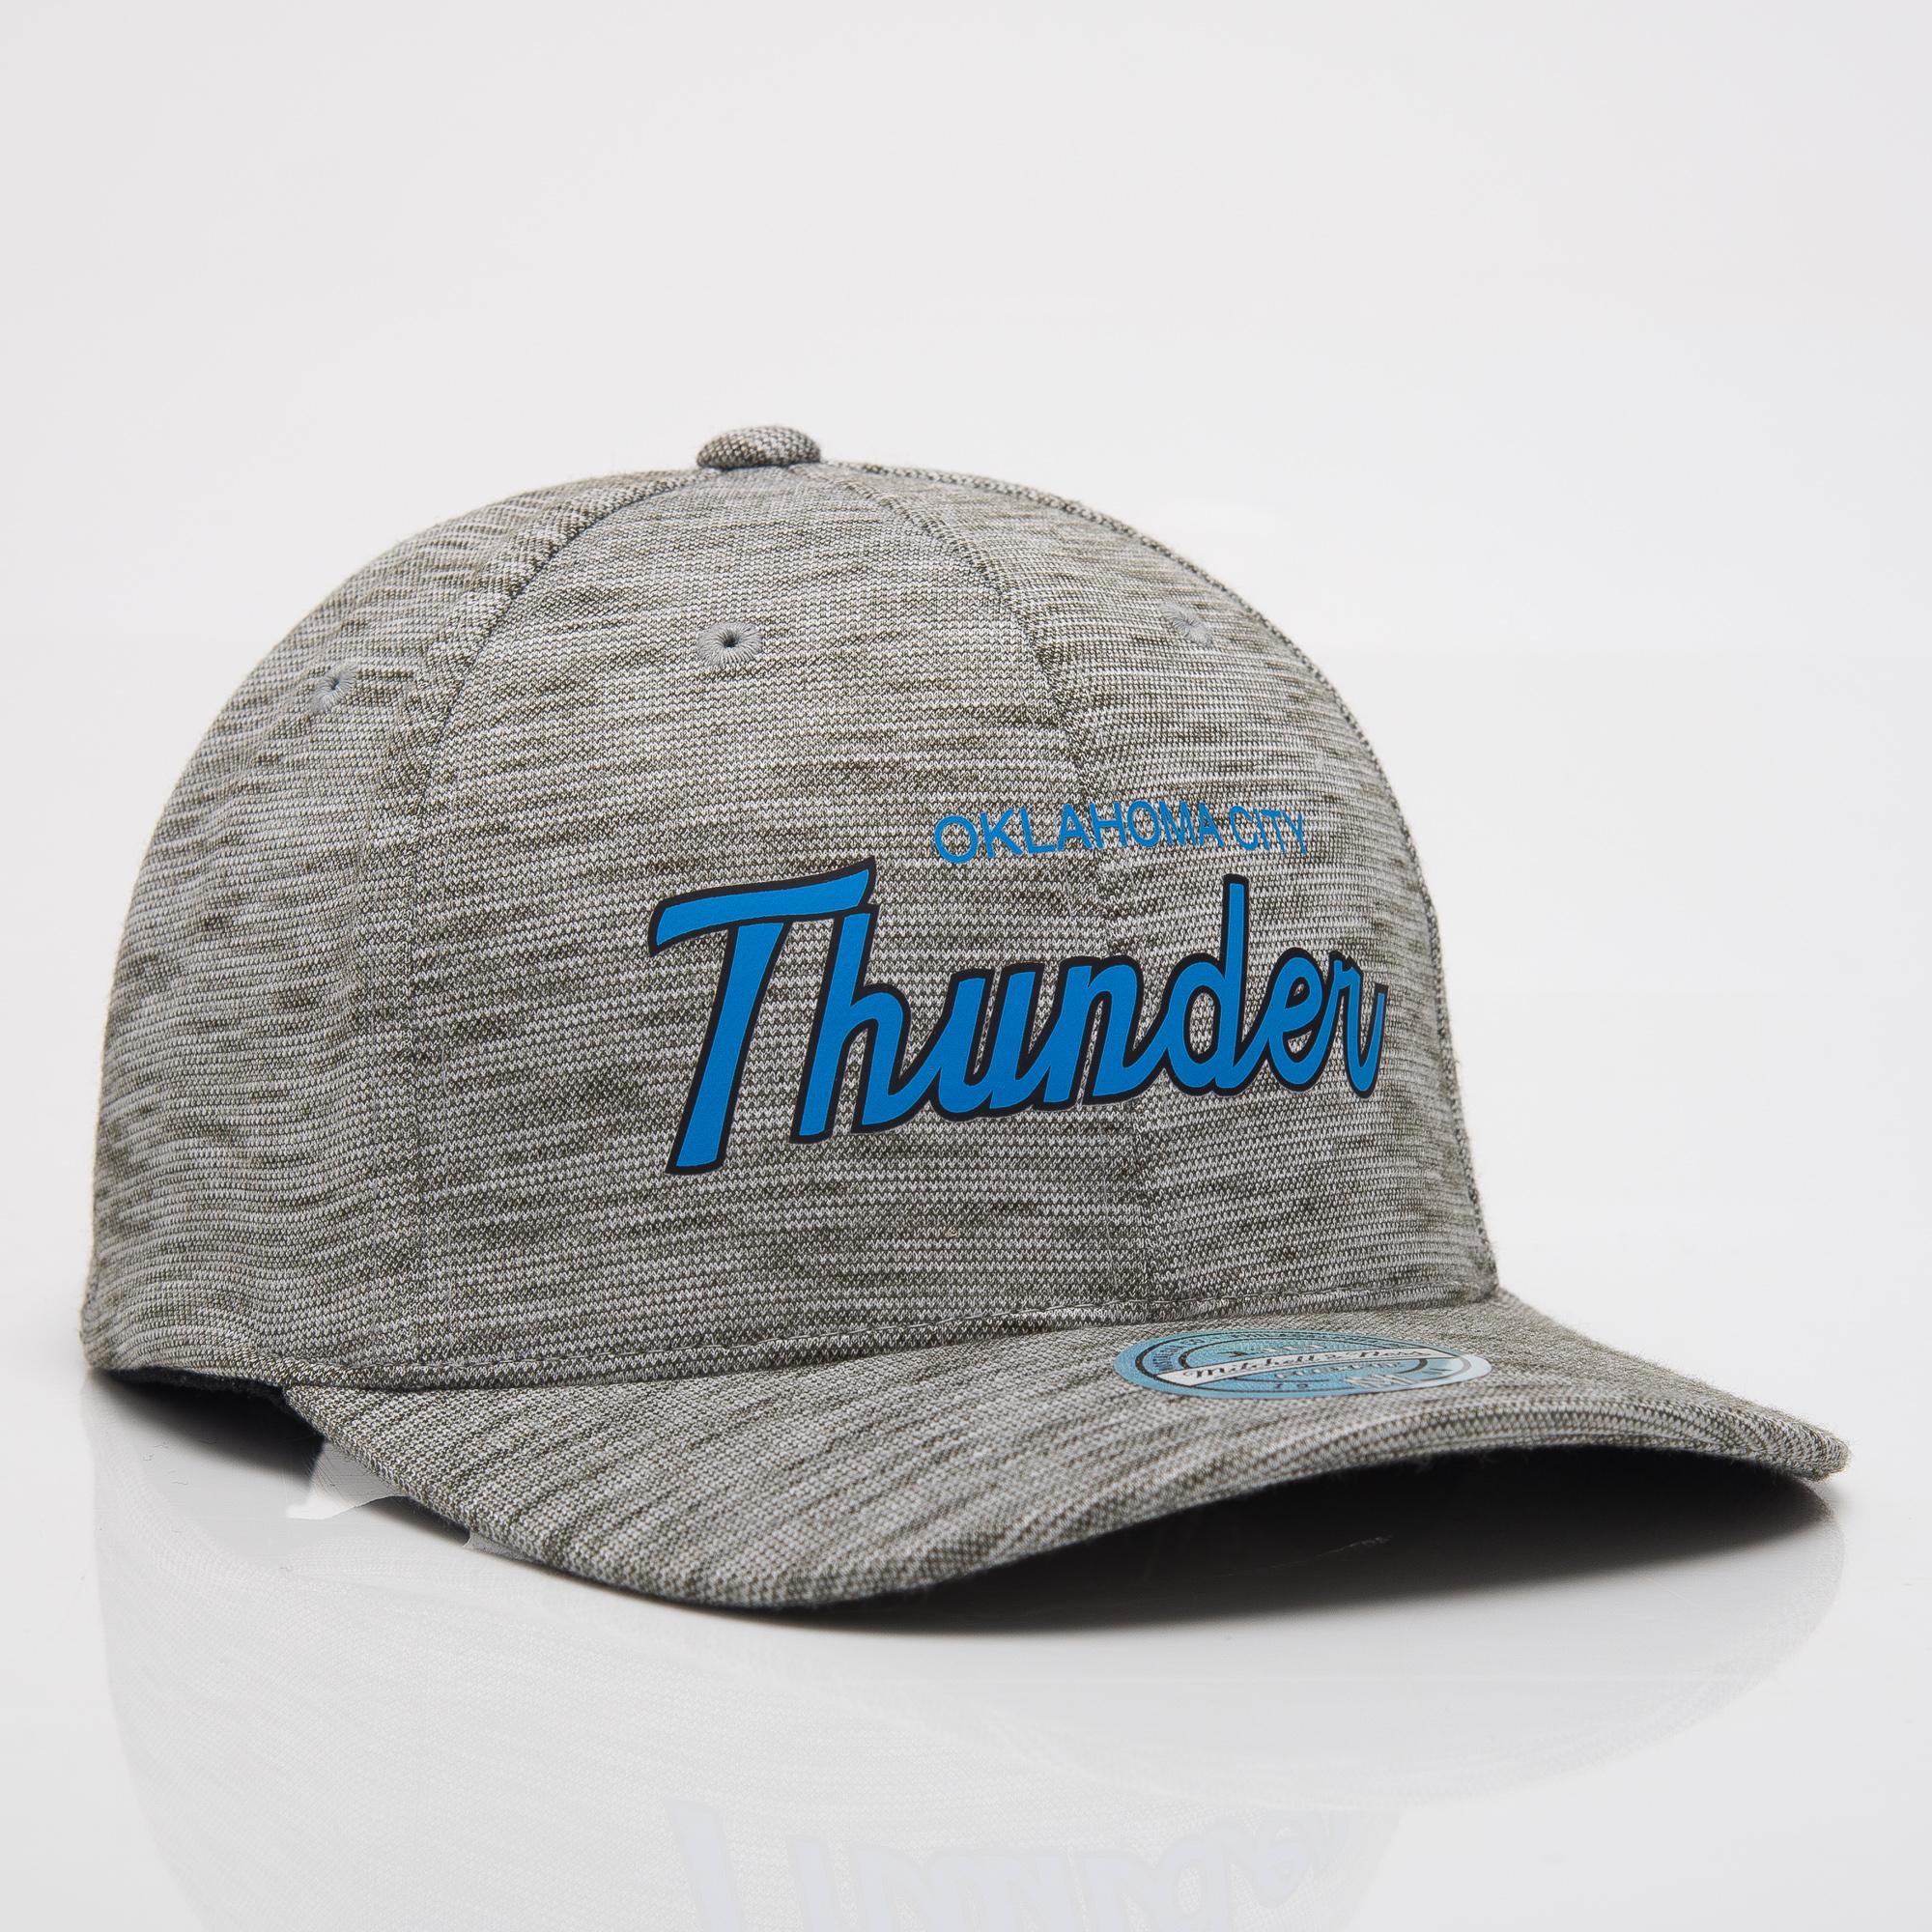 d42686a3 Mitchell & Ness NBA Oklahoma City Thunder Slub Print 110 Snapback Cap - NBA  Shop OKC Thunder Merchandise - Superfanas.lt